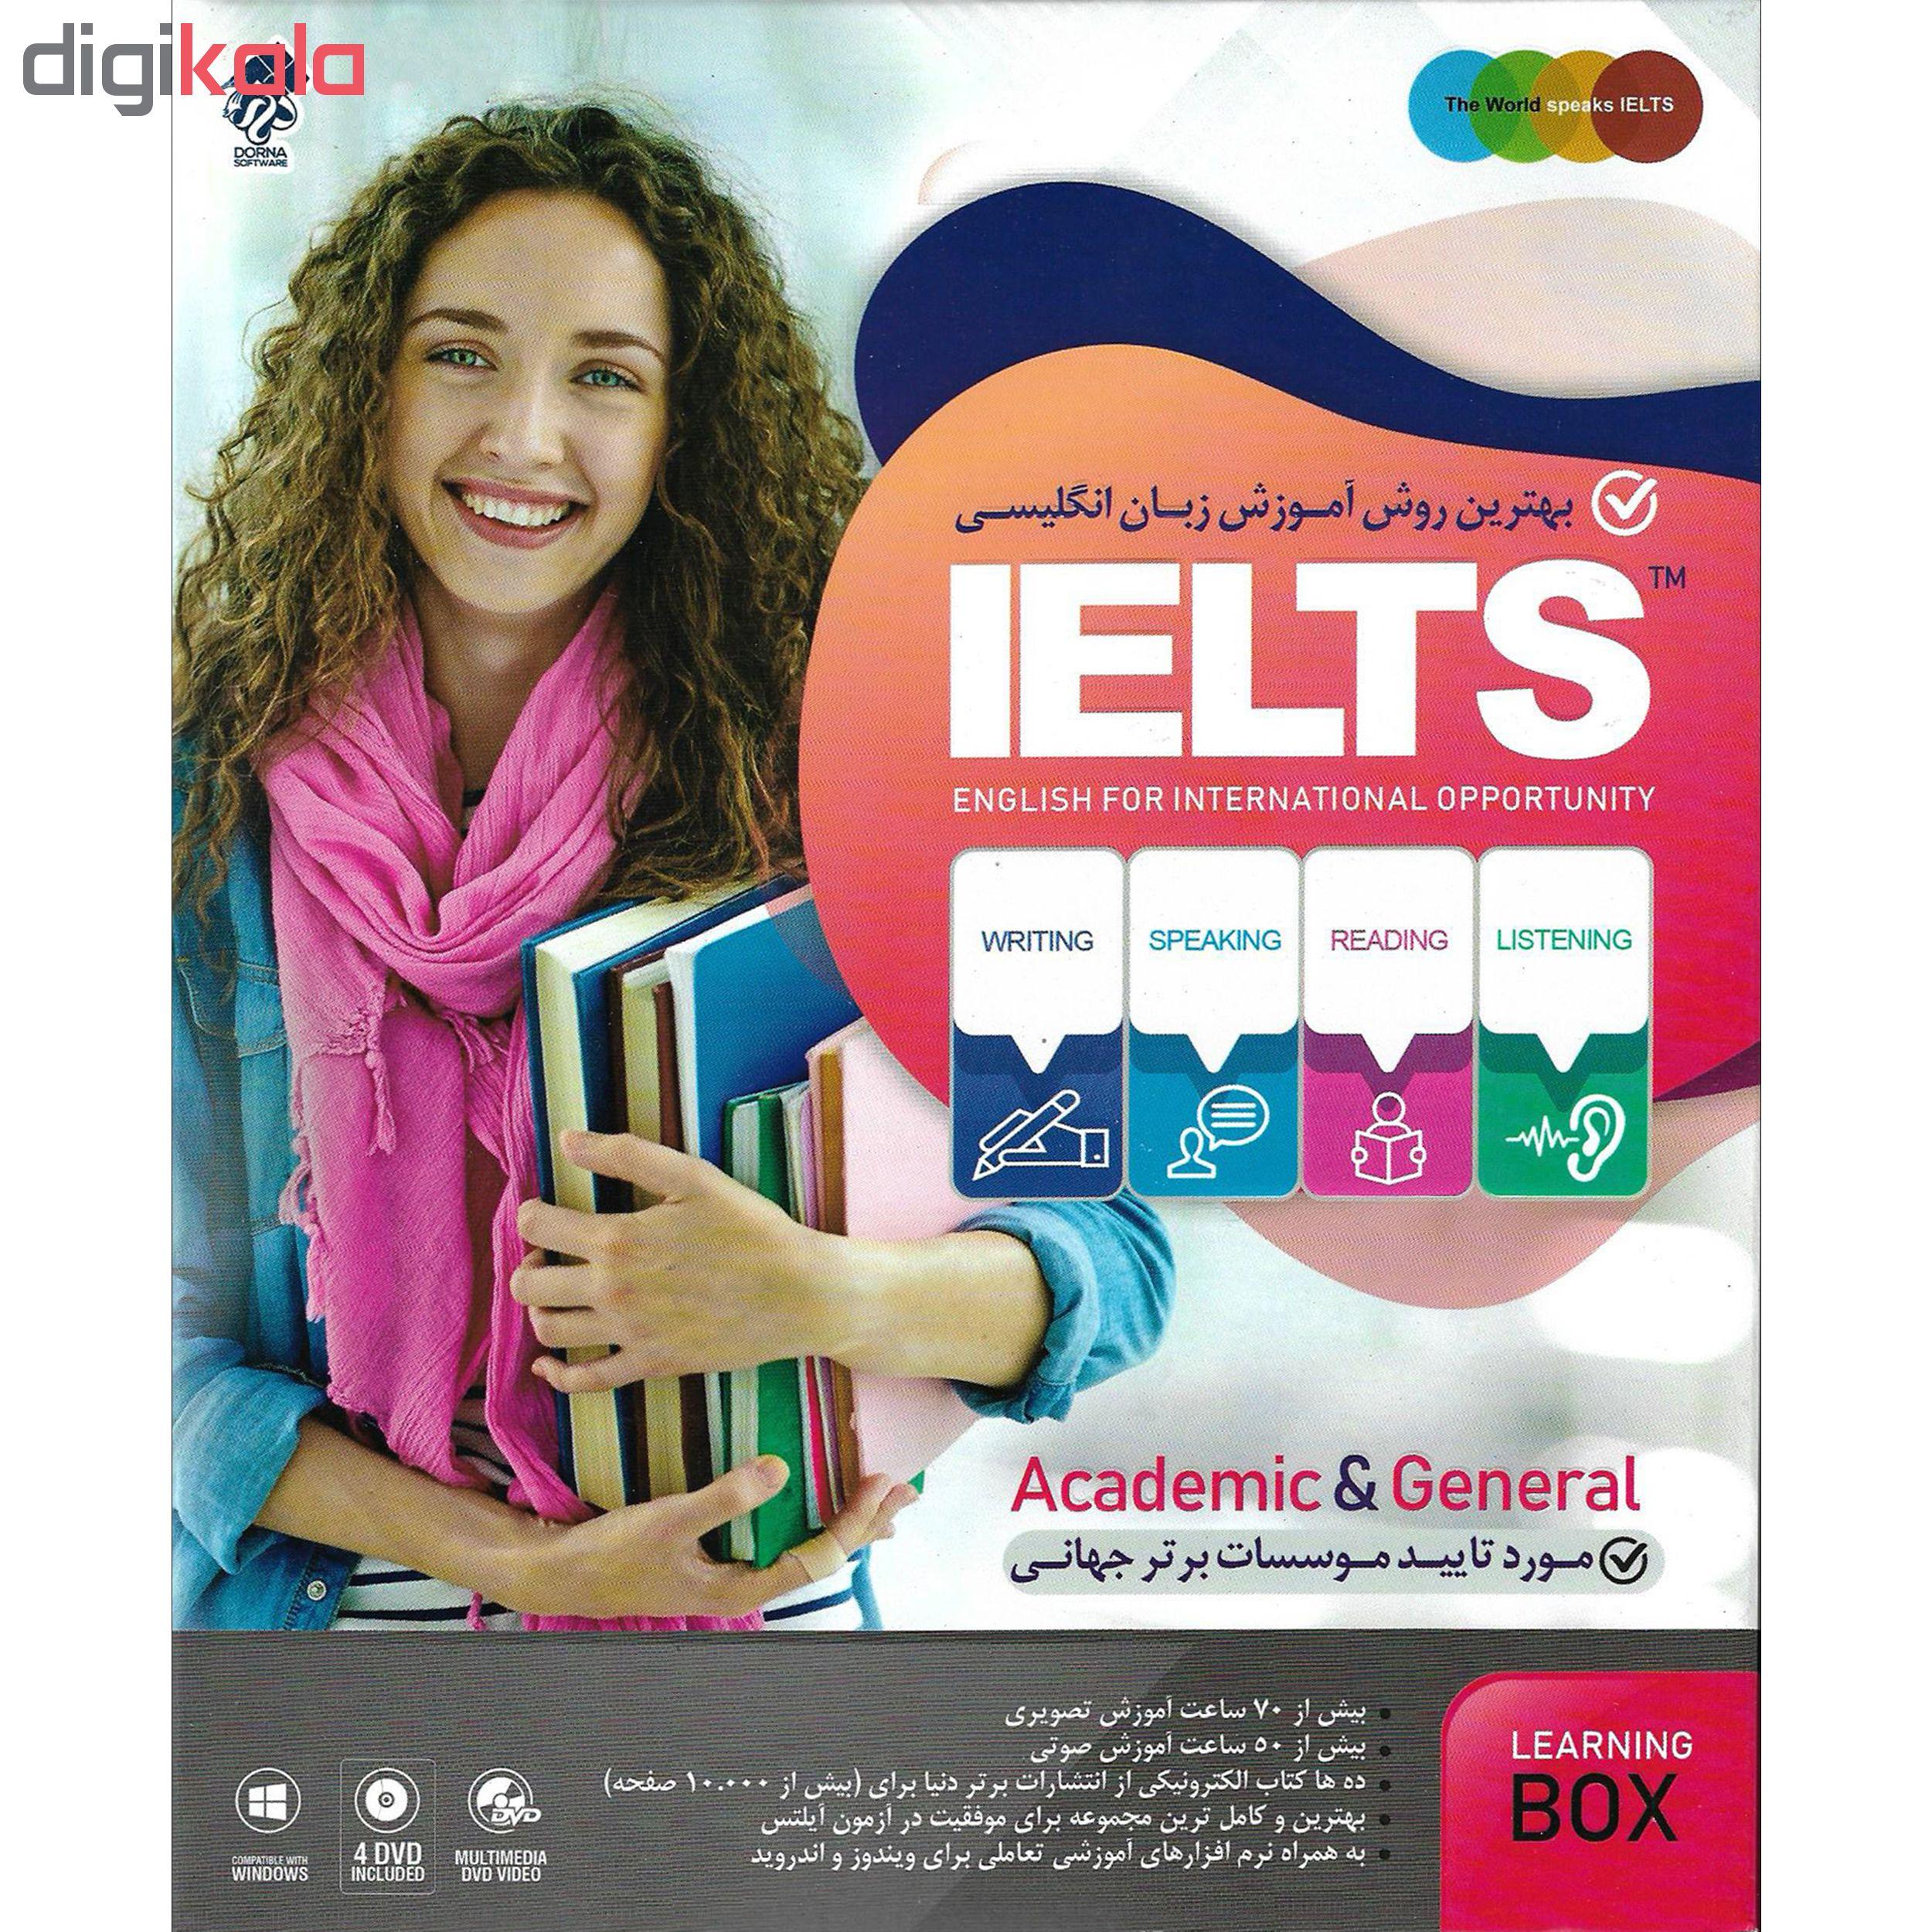 نرم افزار آموزش زبان انگلیسی IELTS نشر درنا به همراه نرم افزار آموزش حرفه ای گرامر زبان انگلیسی نشر پدیده